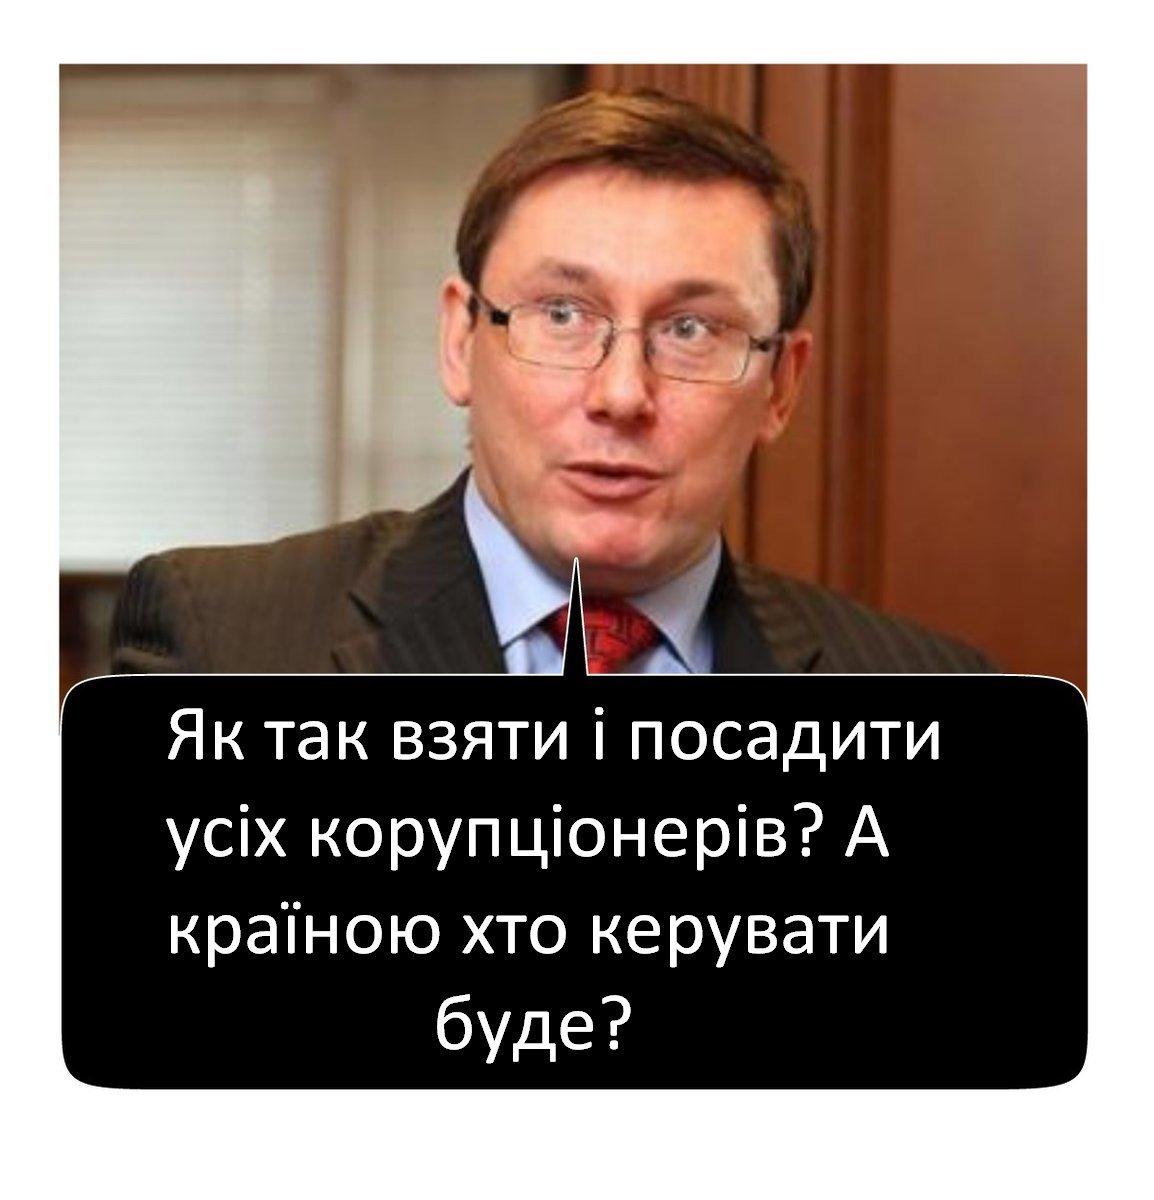 """""""Хотів би спростувати запущений прес-службою НАБУ міф про війну між ГПУ та антикорупційним бюро"""", - Луценко - Цензор.НЕТ 8328"""